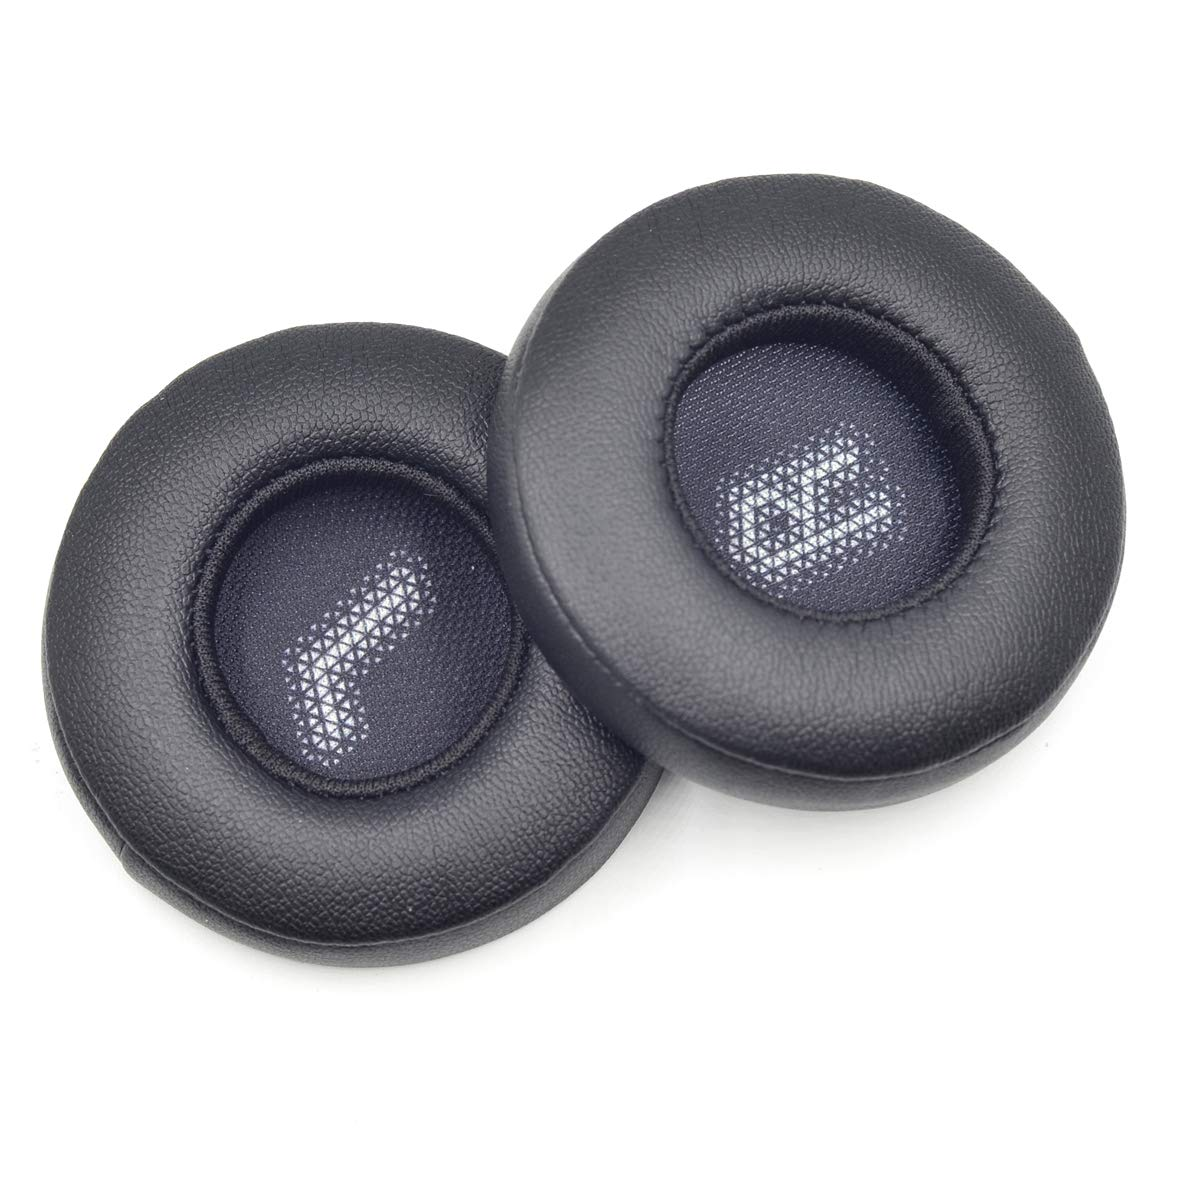 交換用低反発素材イヤーパッド クッション パーツカバー JBL E35 E45bt E 45 Bluetoothワイヤレスヘッドホン用 ブラック E45  ブラック B07H4LK6RP